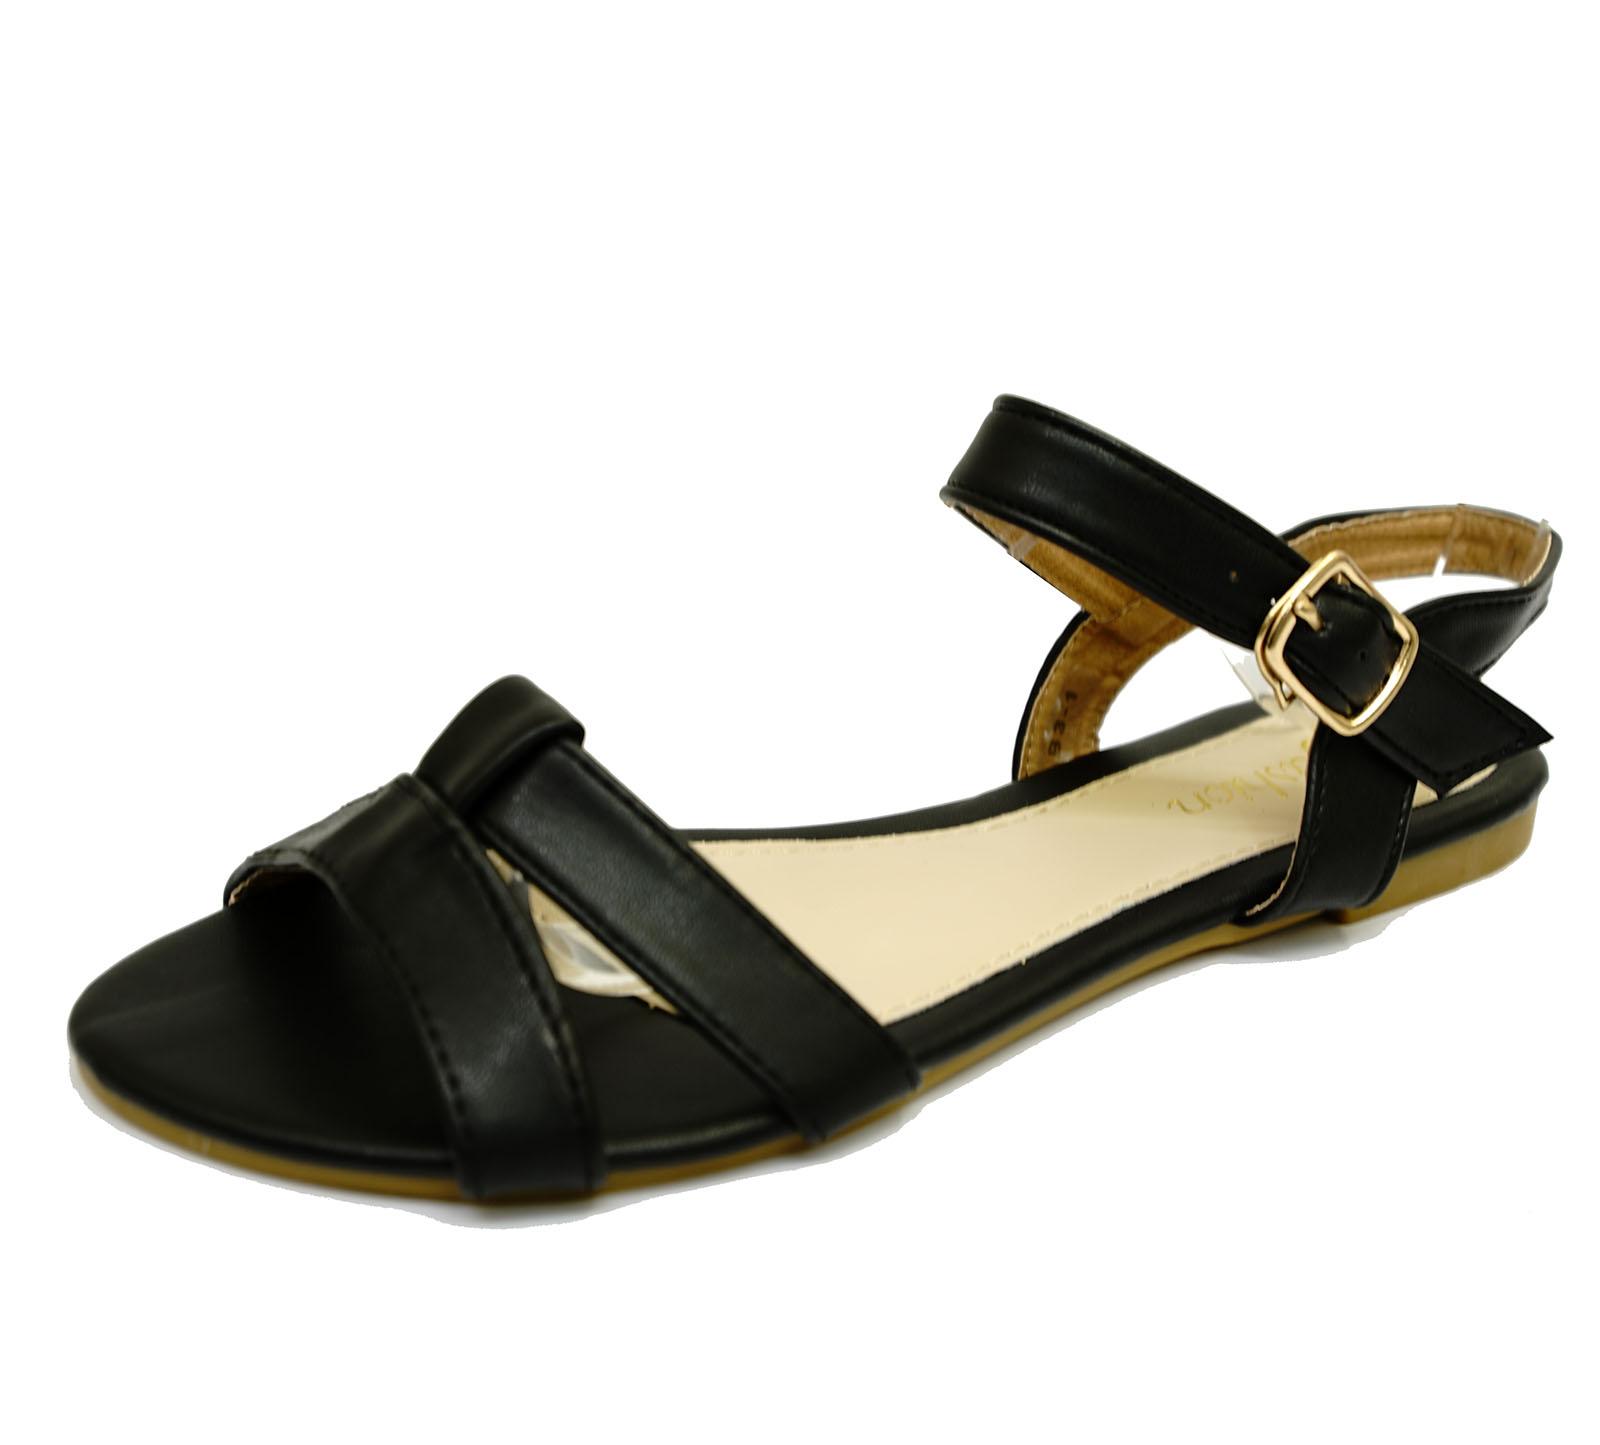 Mujeres Negro Plano Sin Puntera Cómodos Zapatos Sandalias Bombas de vacaciones de verano tallas 3-8